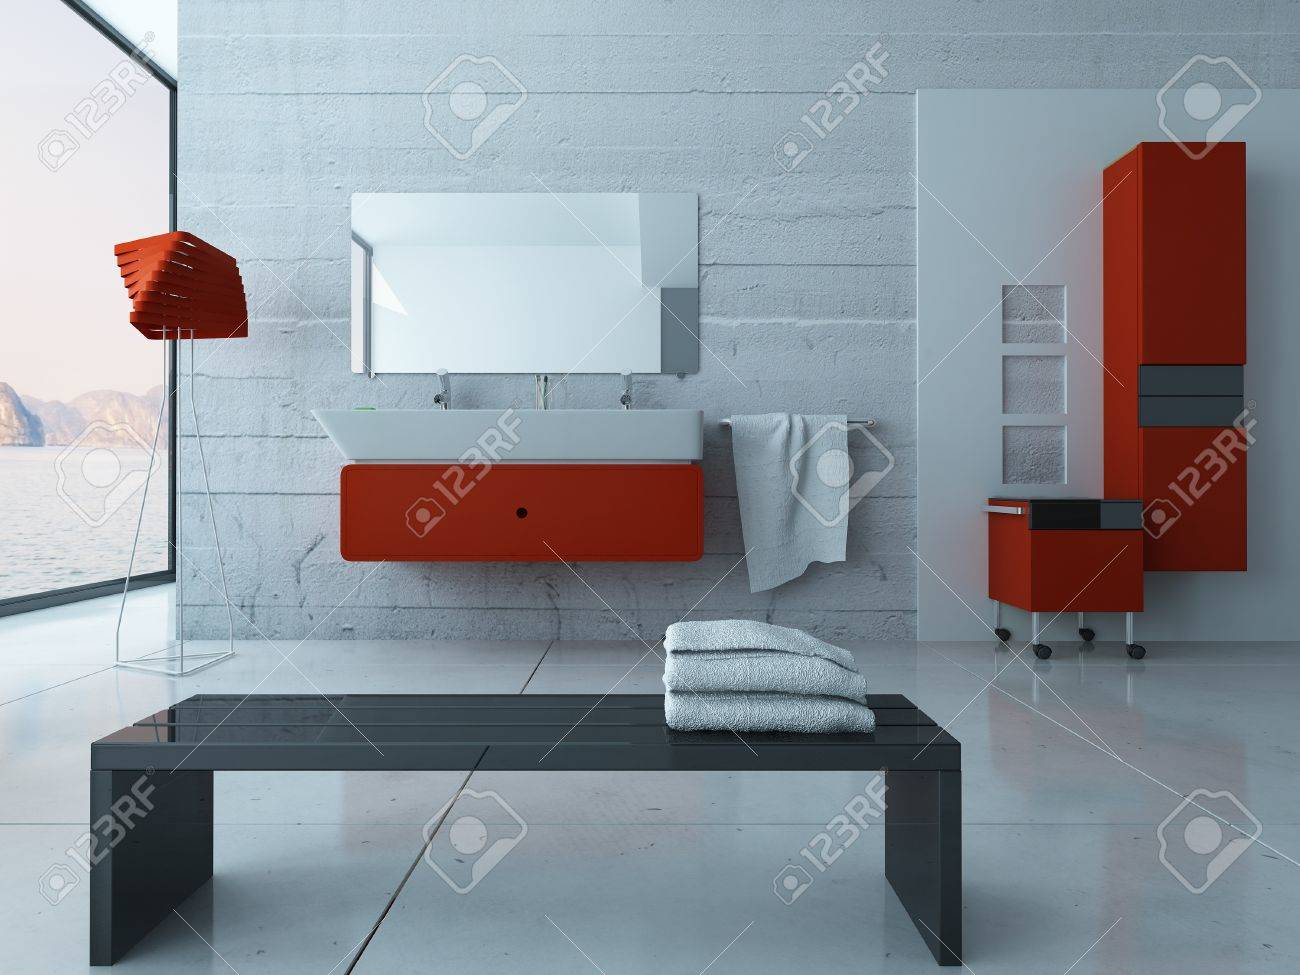 Arredo Bagno Modernissimo.Modernissimo Bagno Interno Con Mobili In Rosso